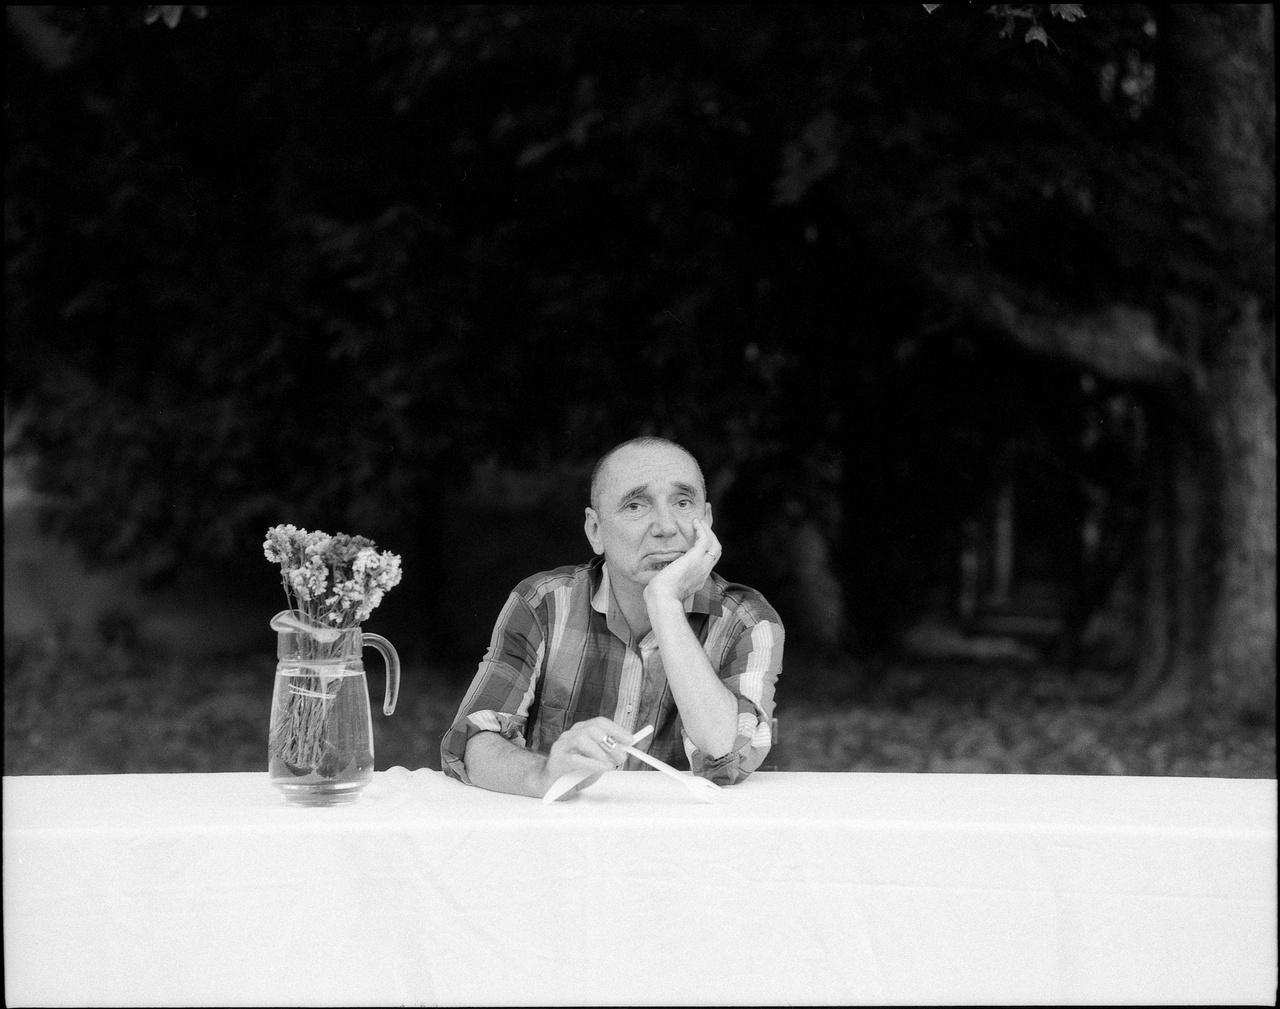 Az idén 60 éves Menyhárt Jenő a nyolcvanas évek underground zenei világa óta a magyar alterzene egyik legmeghatározóbb személyisége. Alapító tagja volt az URH-nak, majd annak feloszlása után az Európa Kiadónak, előbbiben együtt zenélt Müller Péter Sziámival. A Balaton és a Trabant együttesekbe is többször meghívták fellépni. Tizenhárom albumuk jelent meg, az első 1982-ben, az eddigi utolsó tavaly. Múlt ősszel a Balaton és az Európa Kiadó közös koncertet adott a Kobuciban. Olyan korszakos dalok szerzője, mint a Helló bébi, te nyomorult állat kezdésű Mocskos idők, vagy a Küldj egy jelet, Megalázó durva szerelem.